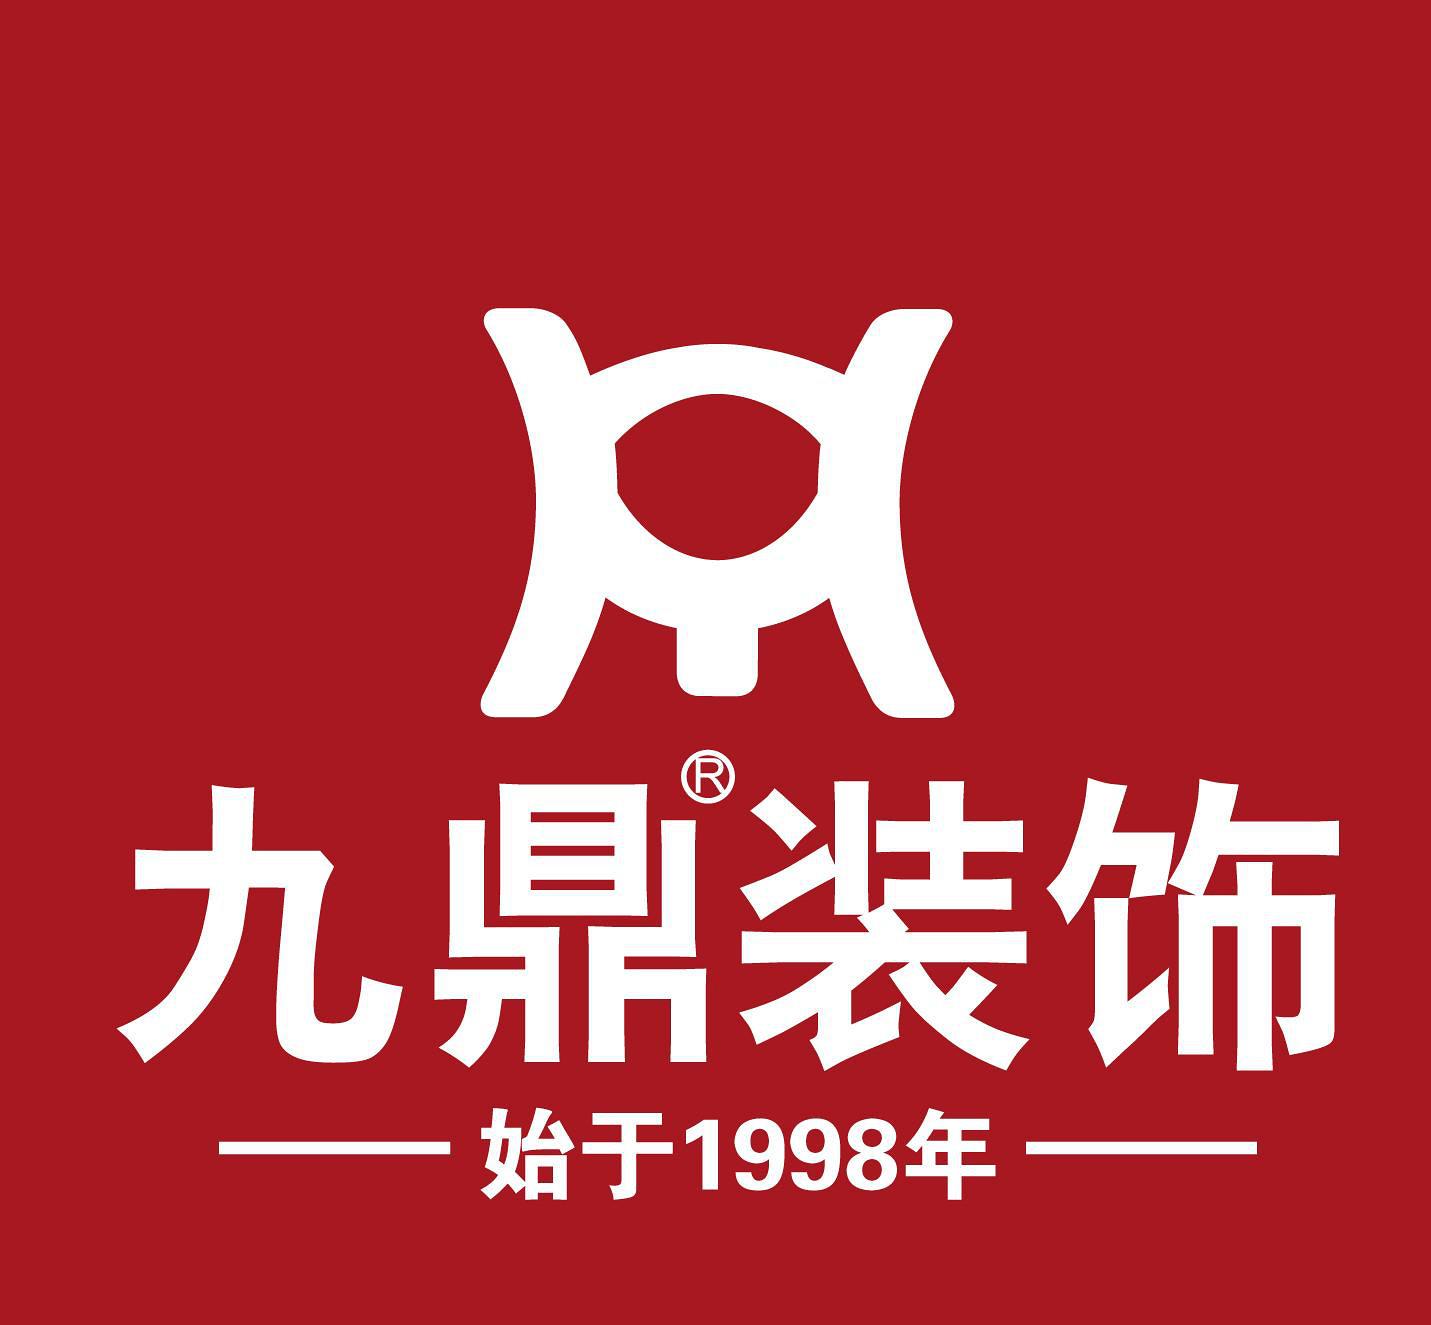 九鼎装饰股份有限公司绍兴县柯桥分公司